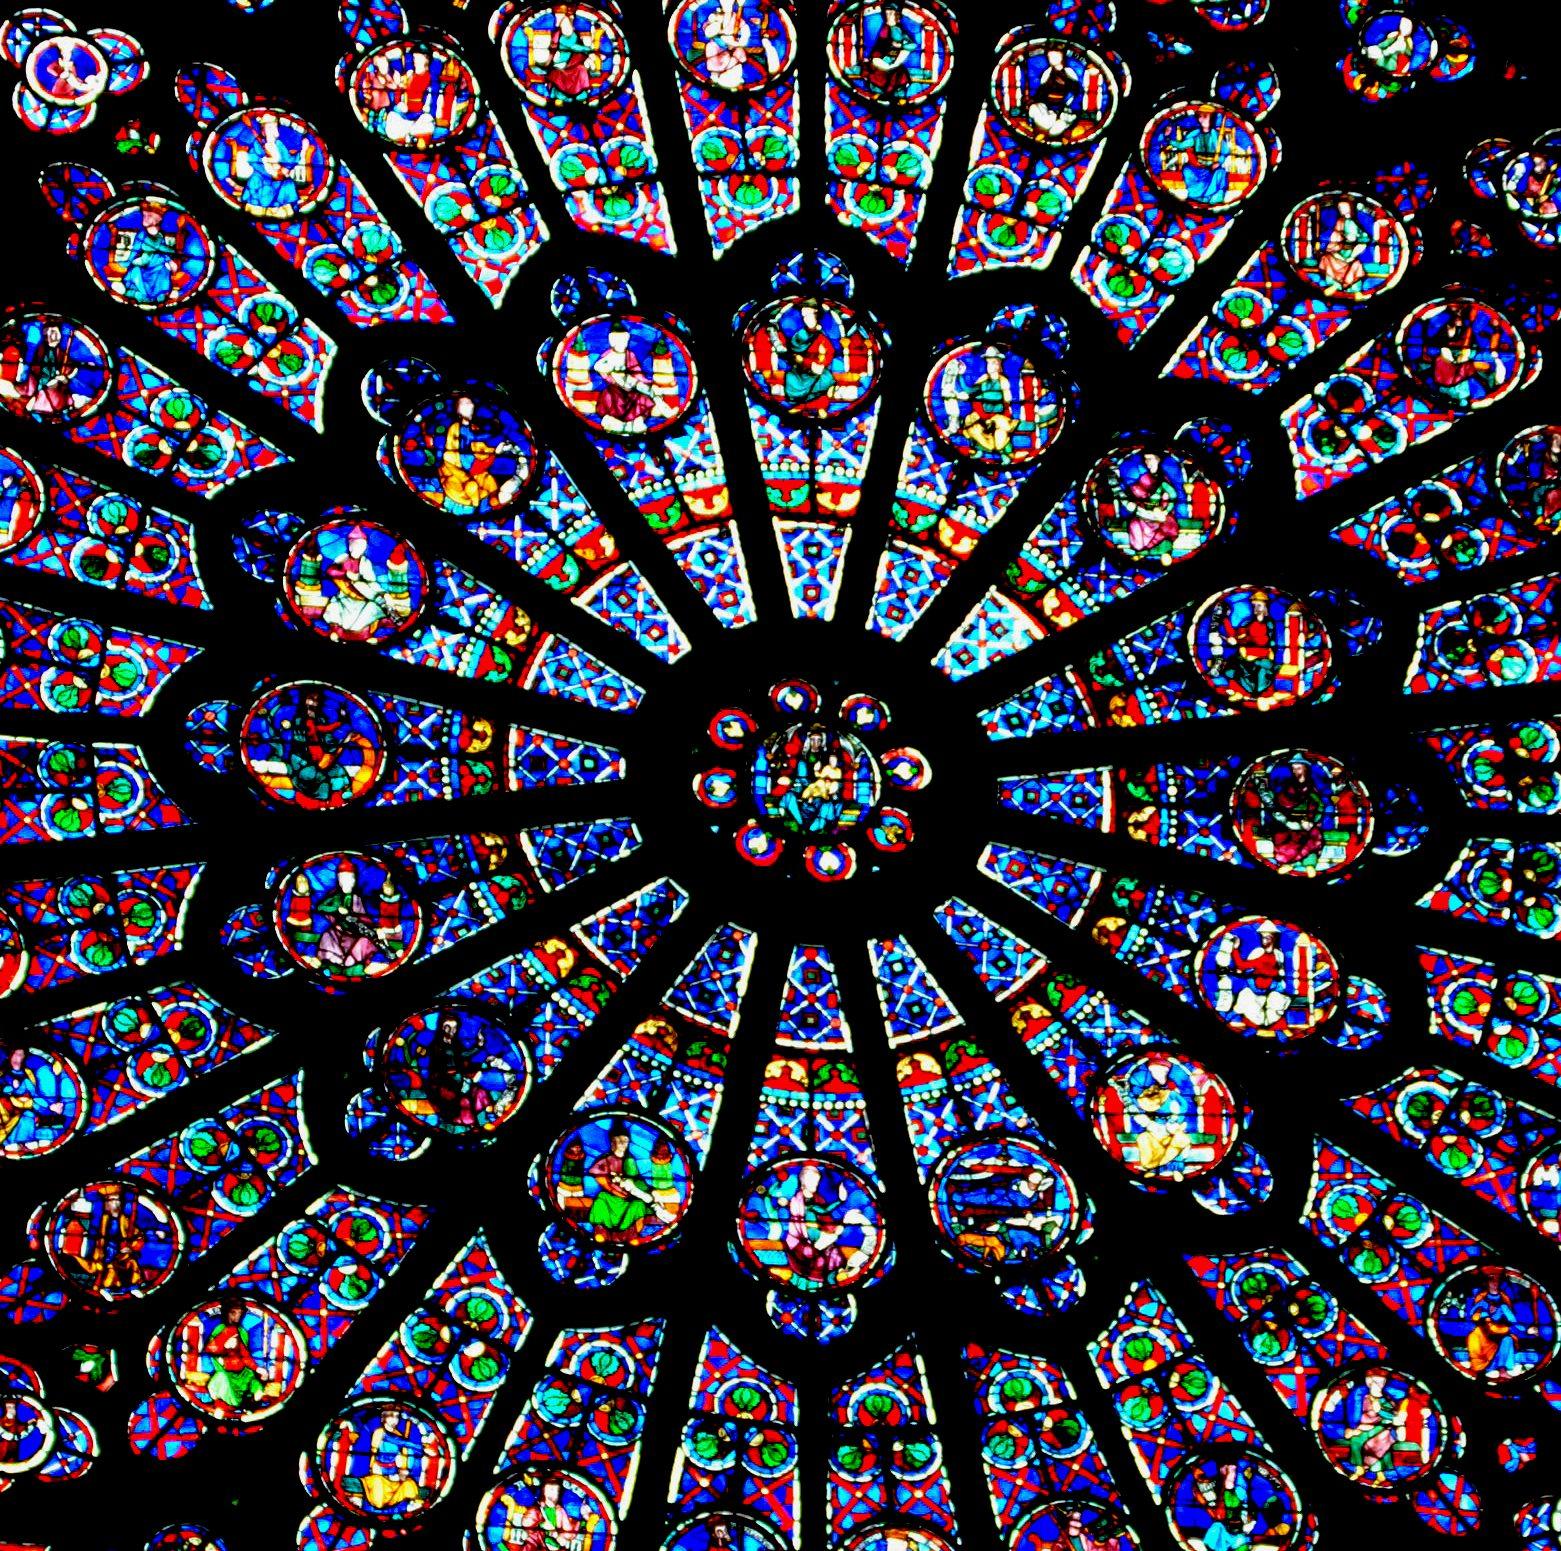 Paris (691)